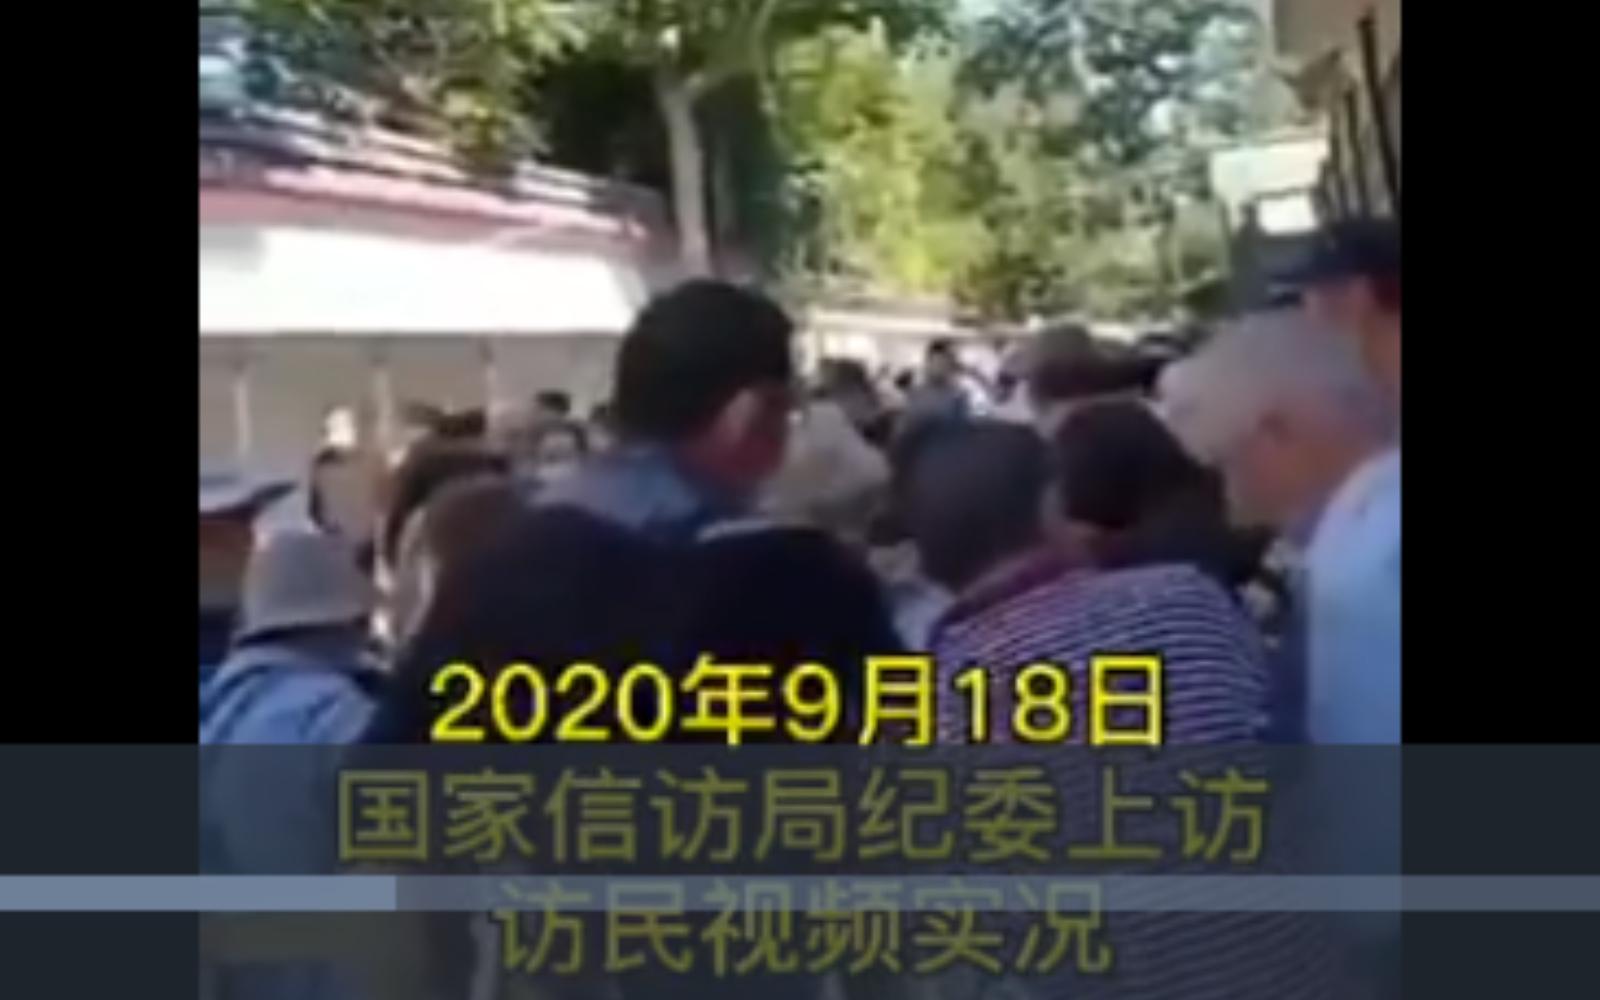 據長期在京訪民的消息,因中共「十一」將至,全國各地訪民都要被清出北京。(影片截圖)